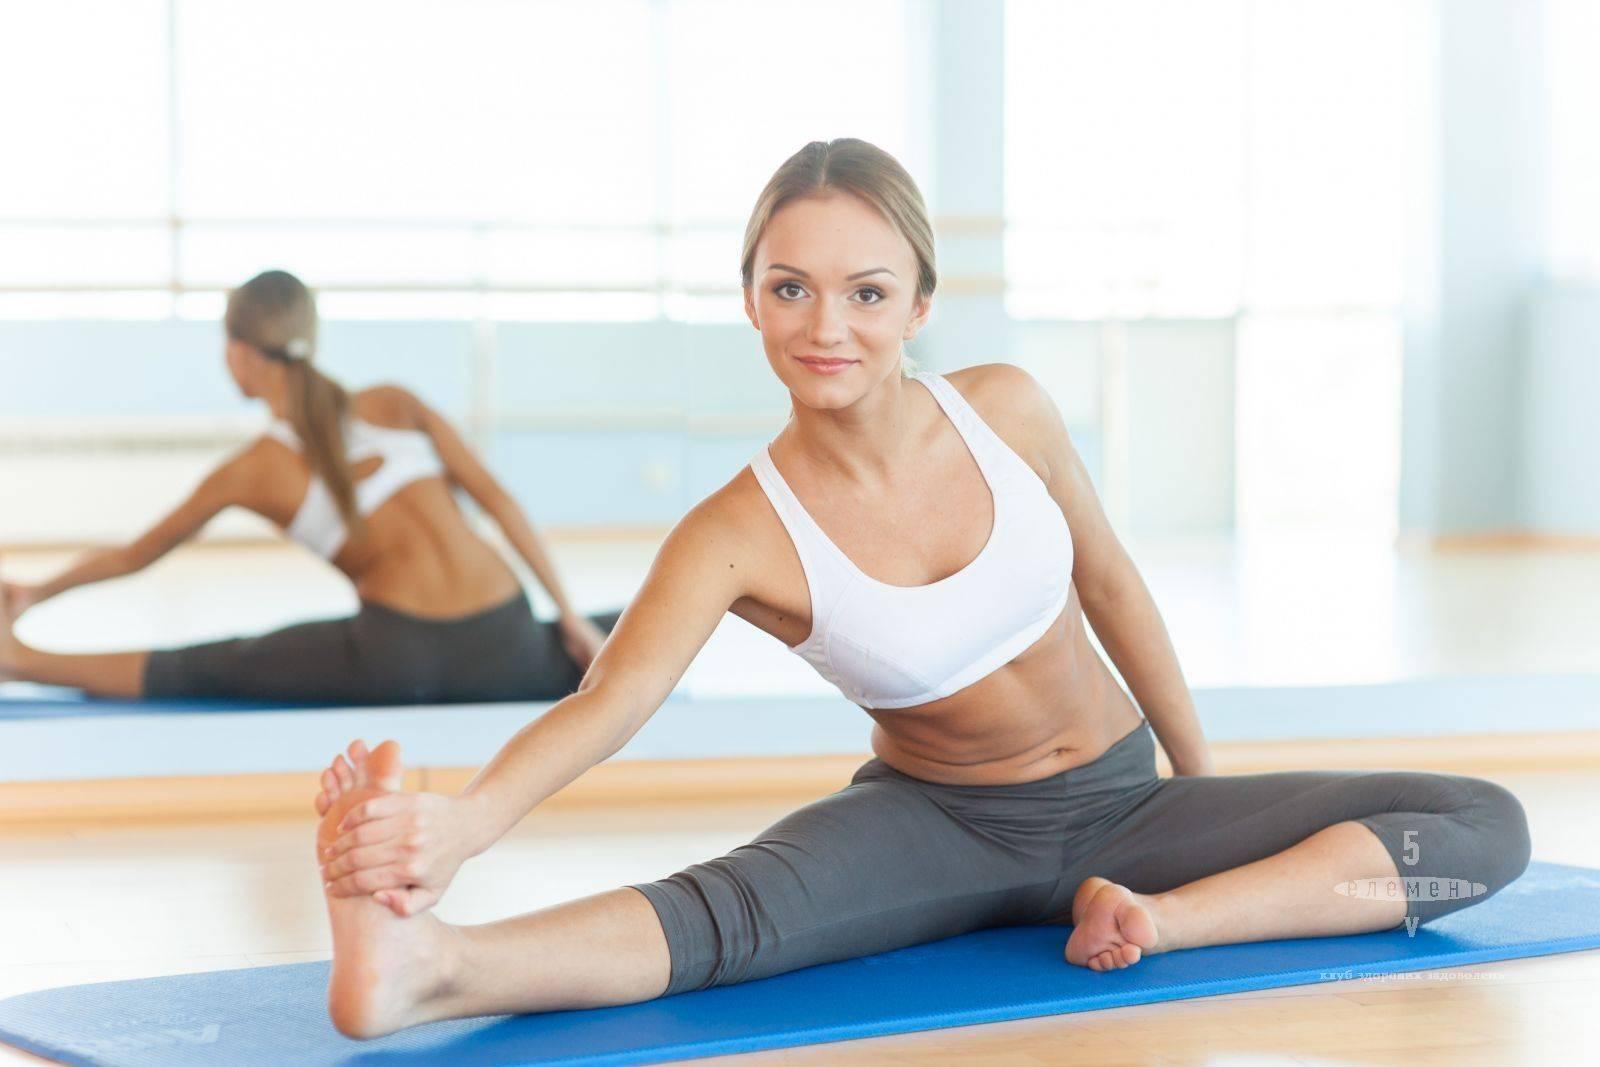 Польза и вред растяжки, упражнения для начинающих в домашних условиях